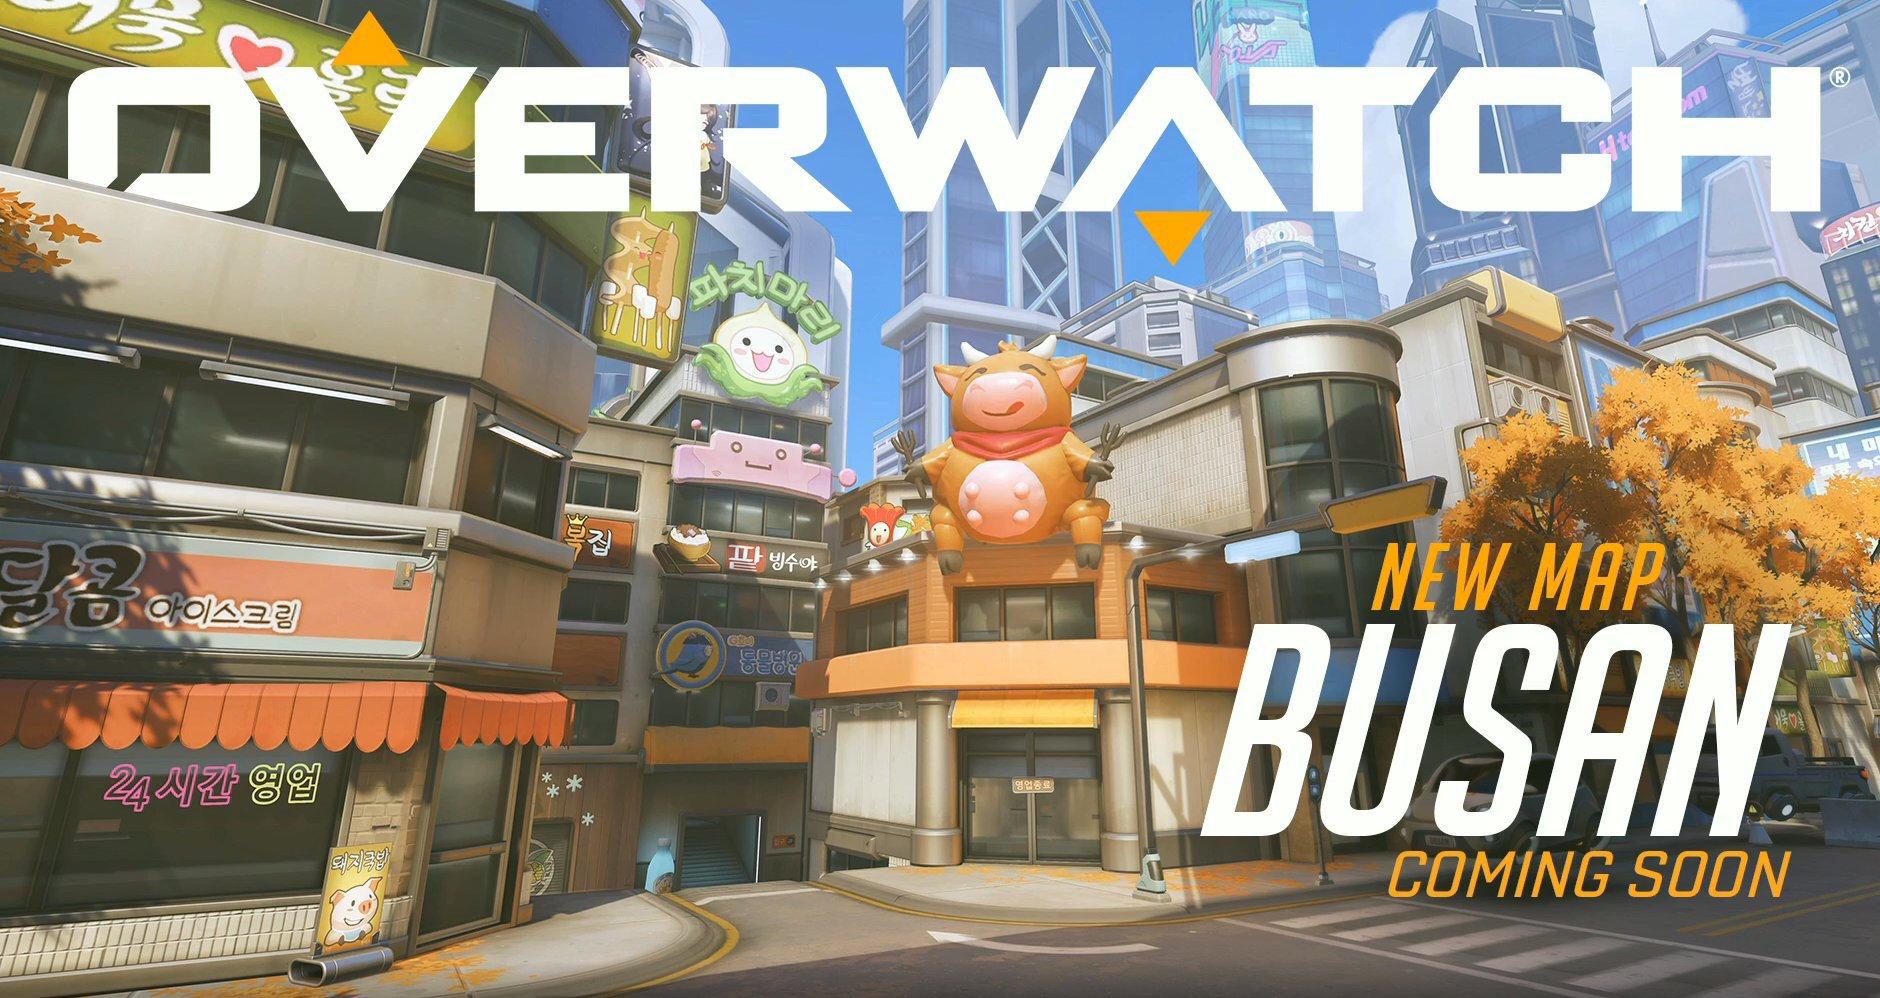 Overwatch's Busan map prend le contrôle de la deuxième ville de Corée du Sud